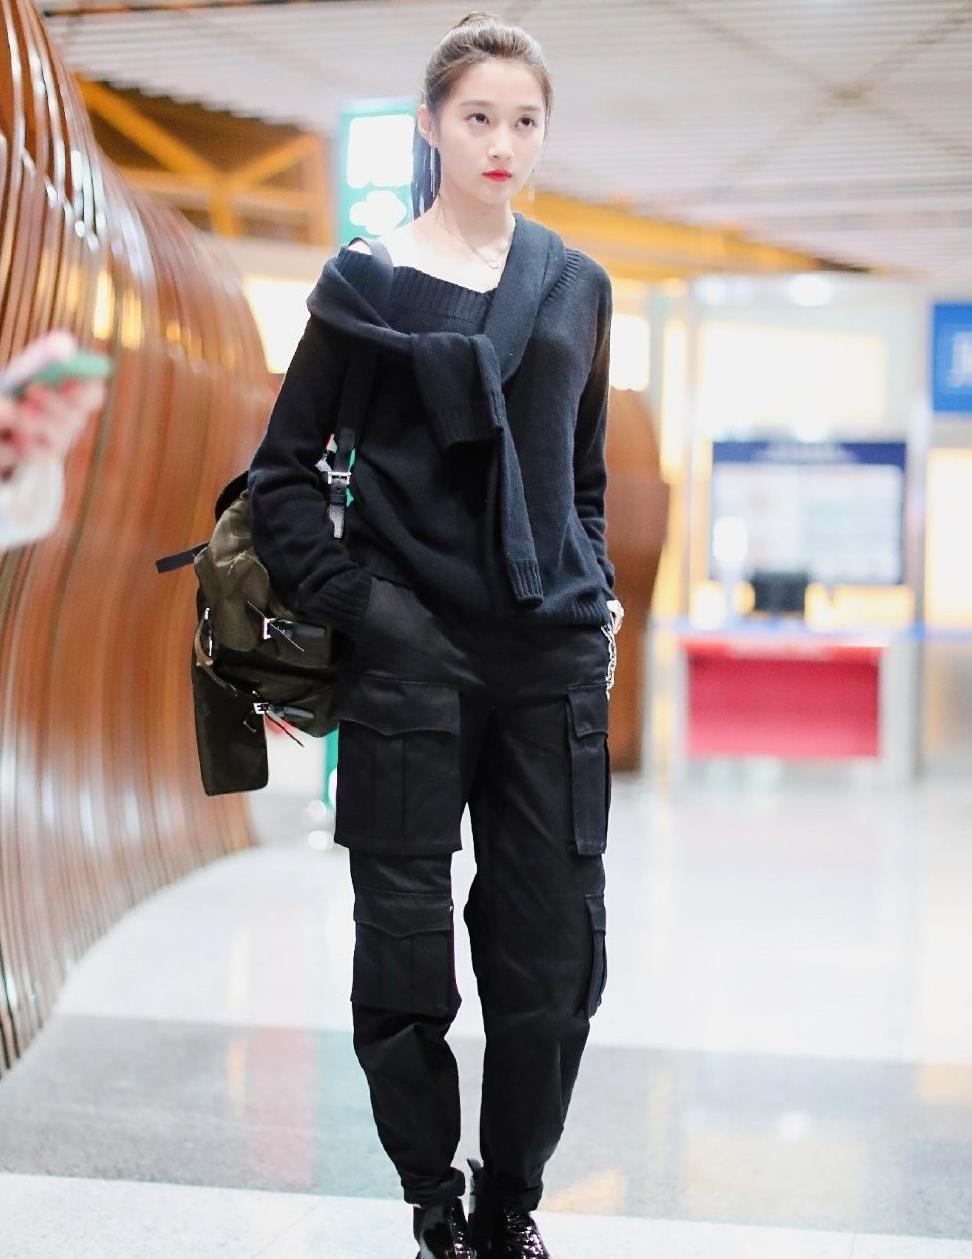 关晓彤难得帅气一回,穿工装裤配短靴好时髦,扎高马尾气场真强大